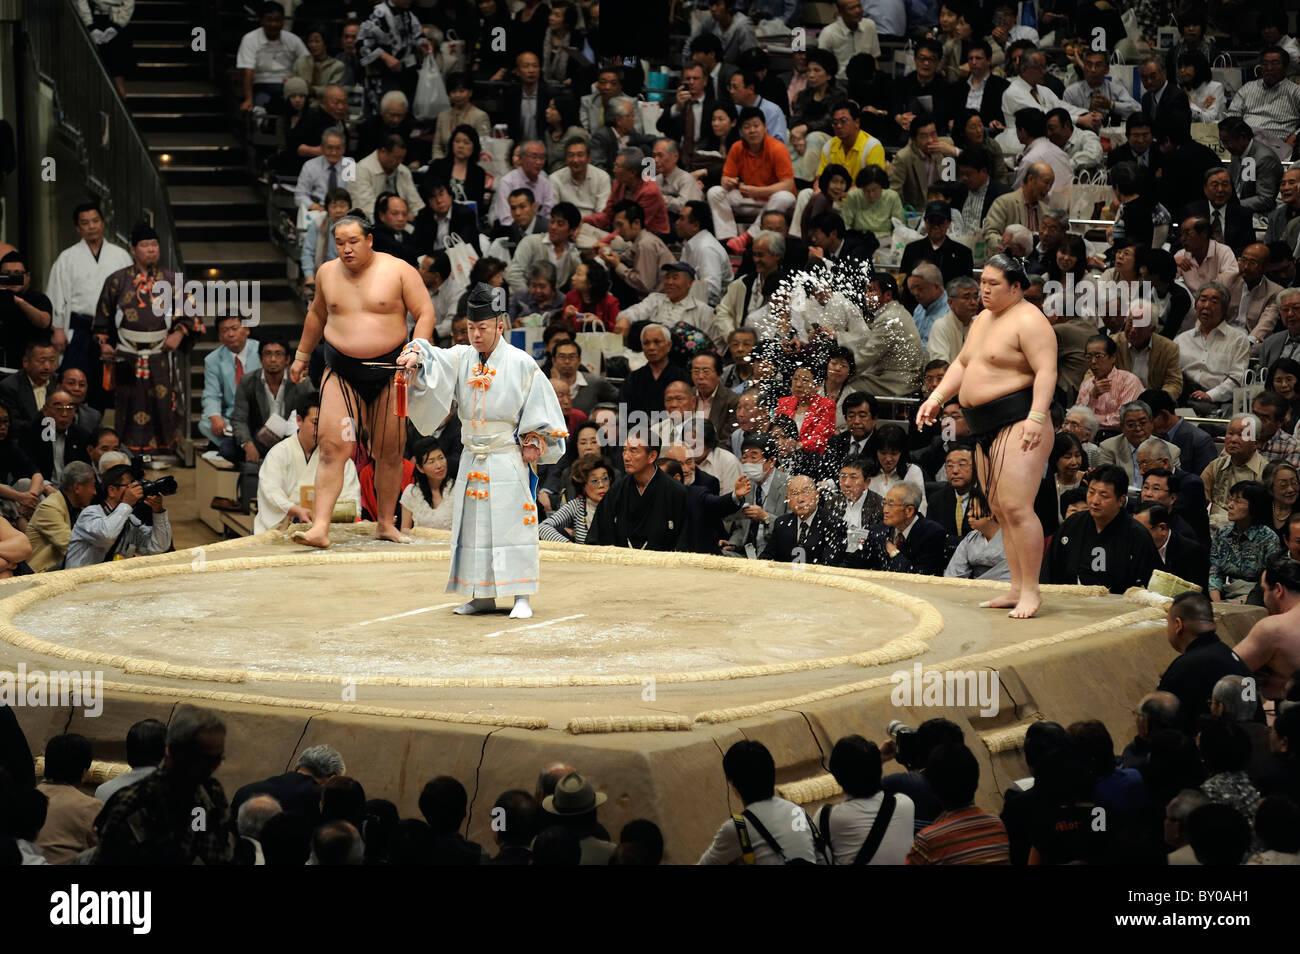 Lottatore di Sumo sale di proiezione nell'anello, Grandi Campionati di Sumo maggio 2010, Ryogoku Kokugikan, Immagini Stock